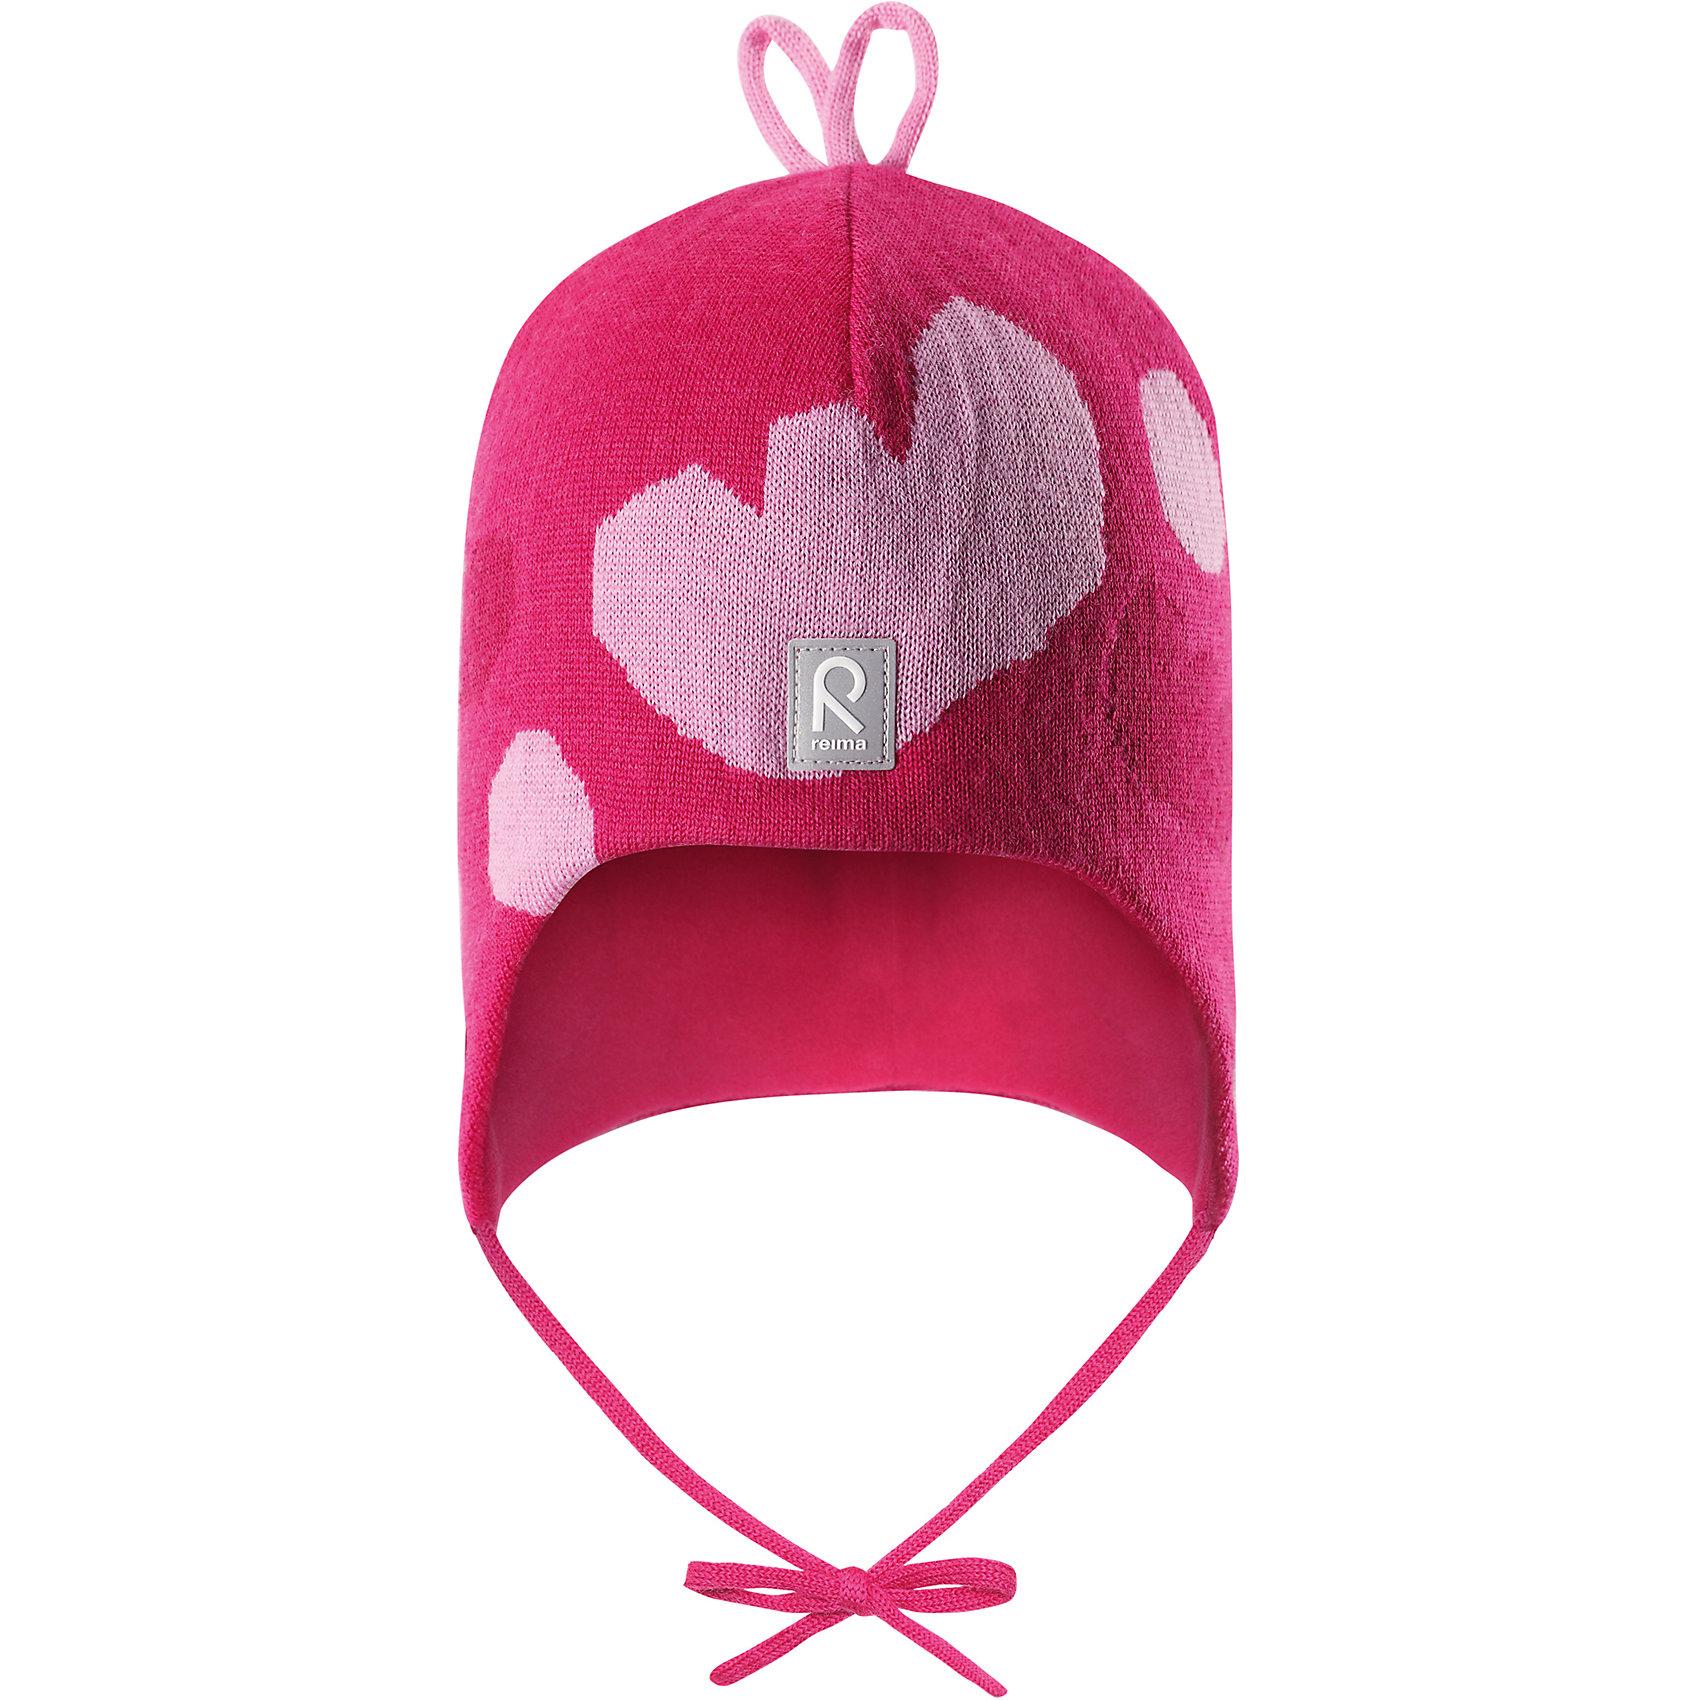 Шапка Reima Vatukka для девочкиГоловные уборы<br>Характеристики товара:<br><br>• цвет: розовый;<br>• состав: 100% шерсть;<br>• подкладка: 97% хлопок, 3% эластан;<br>• температурный режим: от 0 до -20С;<br>• сезон: зима; <br>• особенности модели: вязаная, на подкладке, на завязках;<br>• мягкая ткань из мериносовой шерсти для поддержания идеальной температуры тела;<br>• сплошная подкладка: мягкий трикотаж;<br>• ветронепроницаемые вставки в области ушей;<br>• светоотражающая эмблема;<br>• логотип Reima спереди;<br>• страна бренда: Финляндия;<br>• страна изготовитель: Китай.<br><br>Вязаная шапка на завязках для малышей из мериносовой шерсти подарит уют в морозную погоду: мягкая хлопковая подкладка обеспечит ребенку тепло и комфорт. За счет эластичной вязки шапка отлично сидит, а ветронепроницаемые вставки в области ушей защищают ушки от холодного ветра. Благодаря завязкам эта стильная шапка не съезжает и хорошо защищает голову. Бантик на макушке довершает образ.<br><br>Шапка Vatukka Reima для девочки от финского бренда Reima (Рейма) можно купить в нашем интернет-магазине.<br><br>Ширина мм: 89<br>Глубина мм: 117<br>Высота мм: 44<br>Вес г: 155<br>Цвет: розовый<br>Возраст от месяцев: 60<br>Возраст до месяцев: 72<br>Пол: Женский<br>Возраст: Детский<br>Размер: 52,46,48,50<br>SKU: 6907061